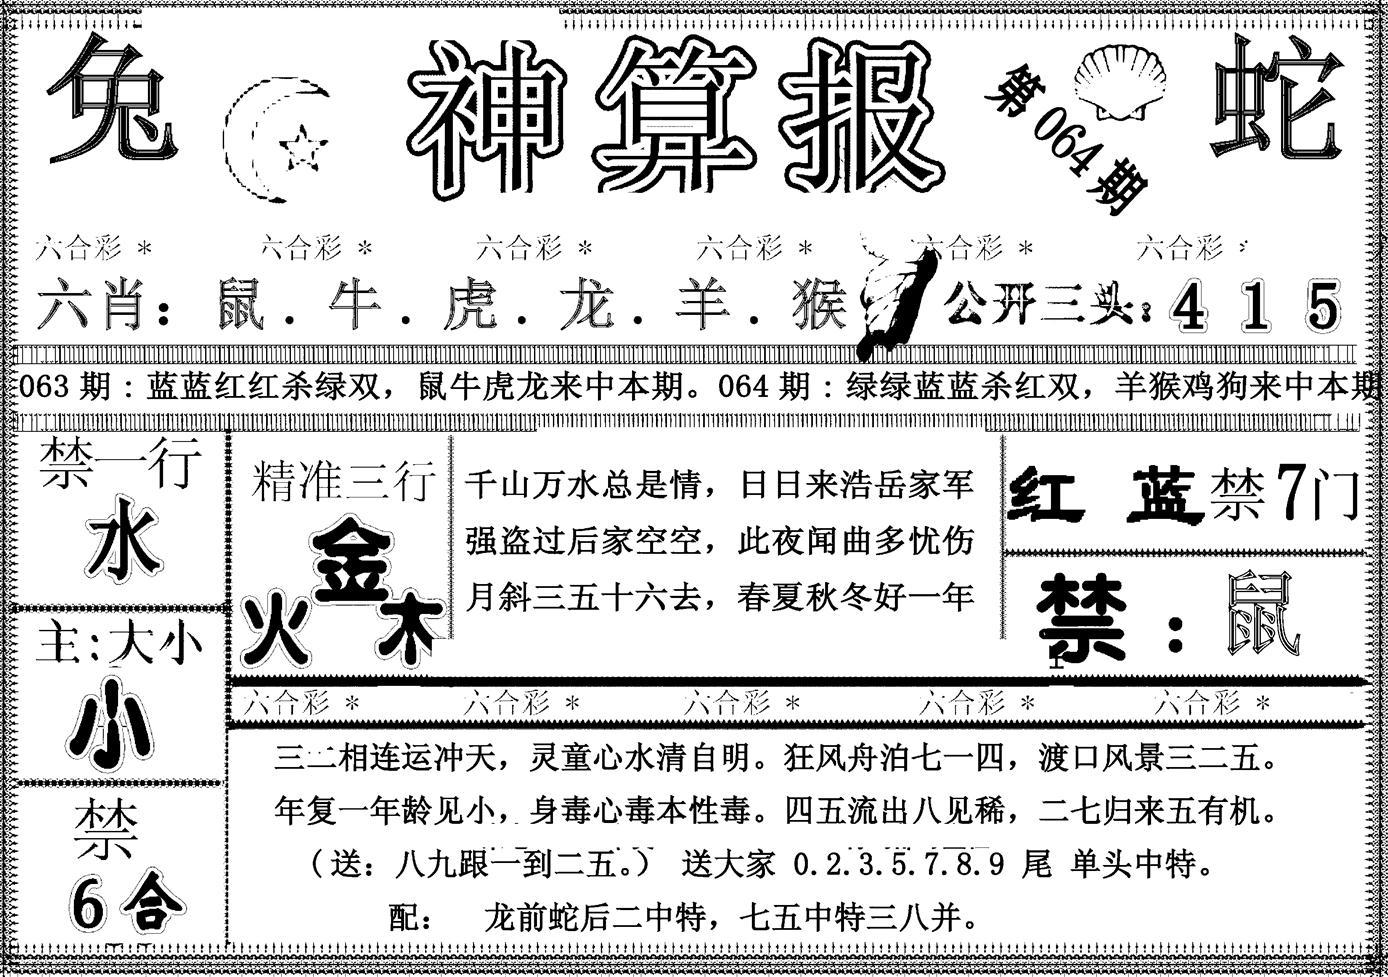 064期另神算报(黑白)